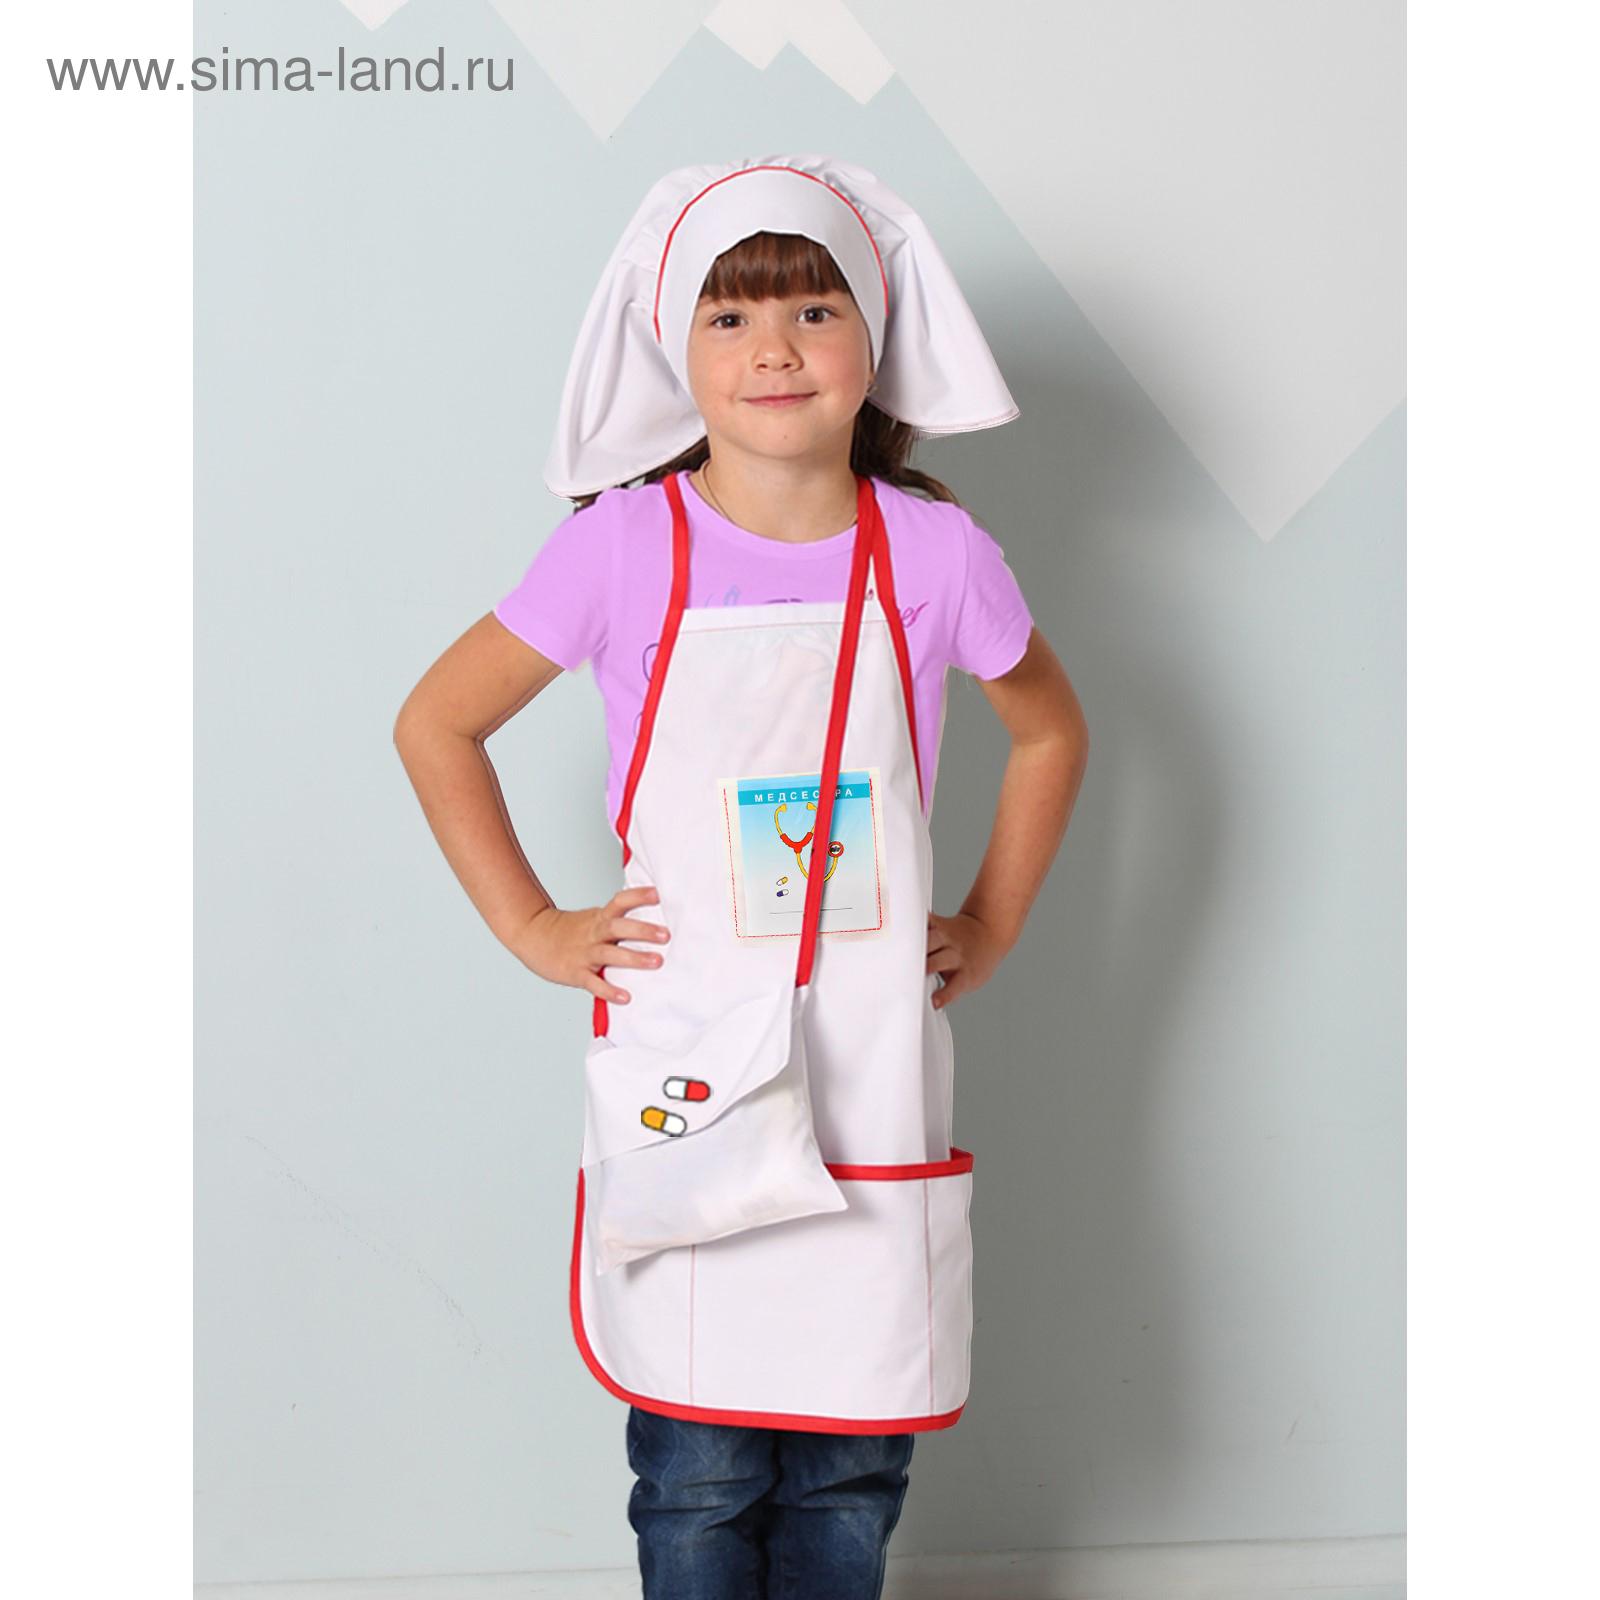 Костюм Медсестра фартук, головной убор, сумка